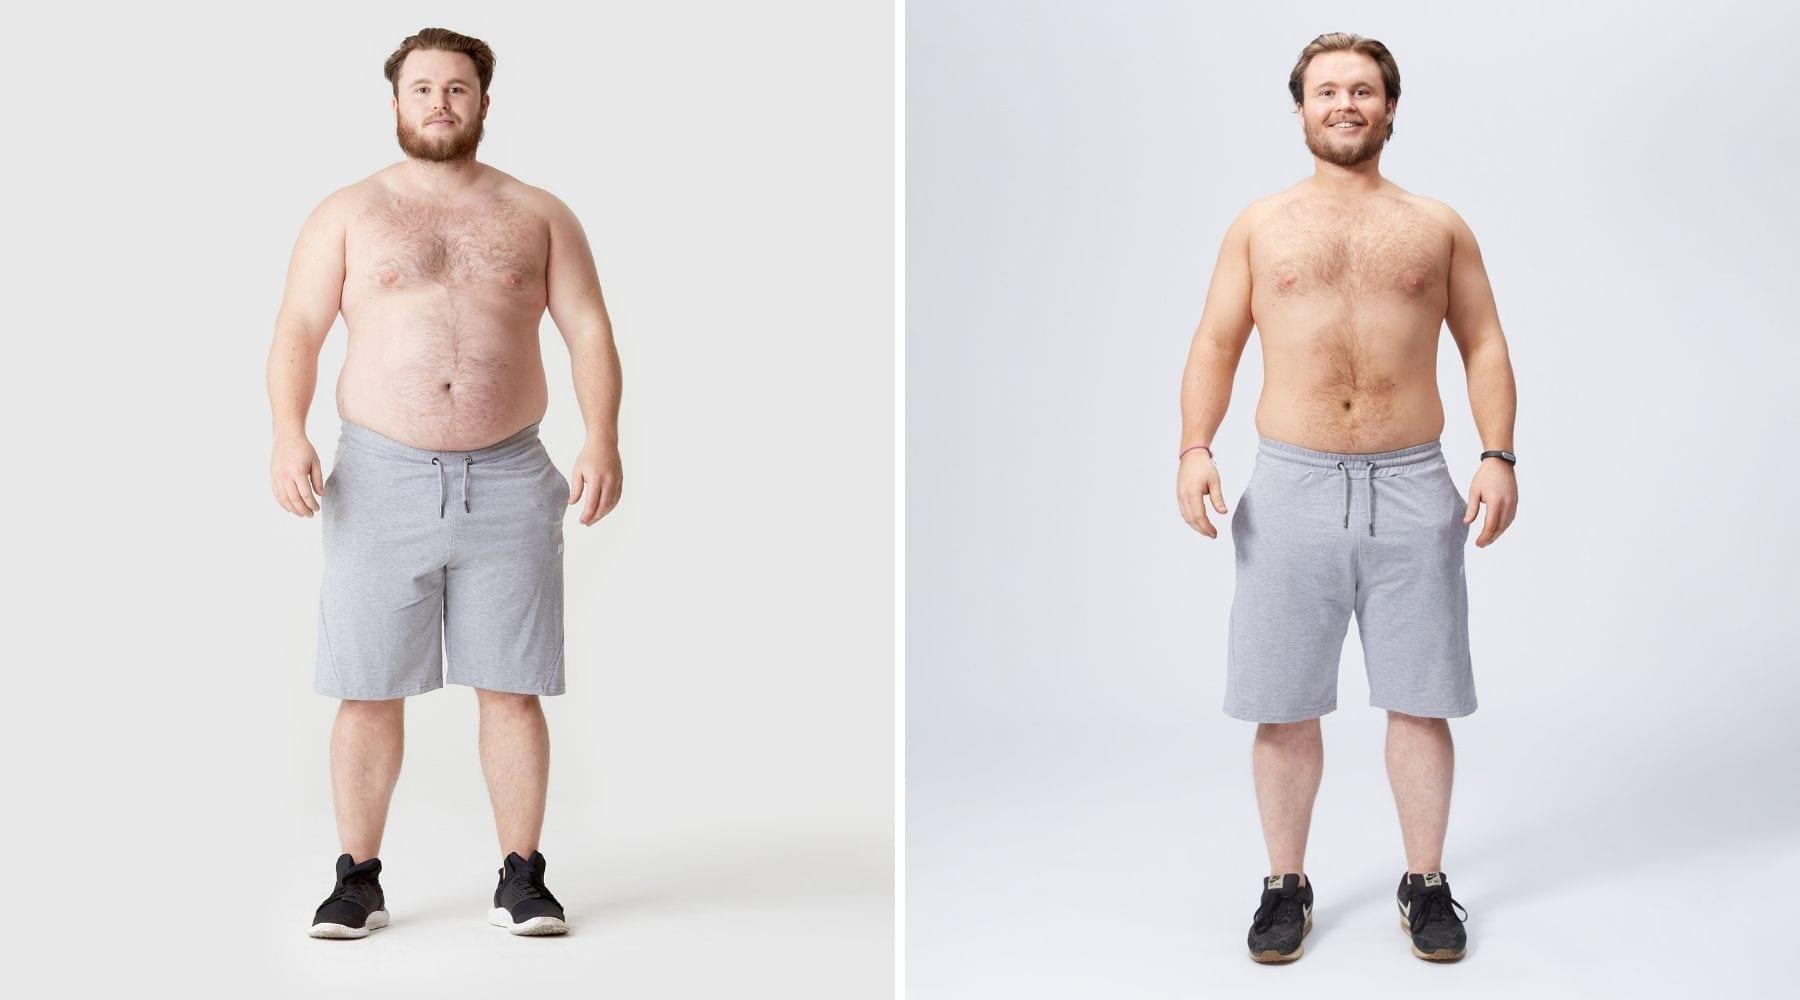 wawa pierdere în greutate spălați grăsimea pierdere în greutate săptămână